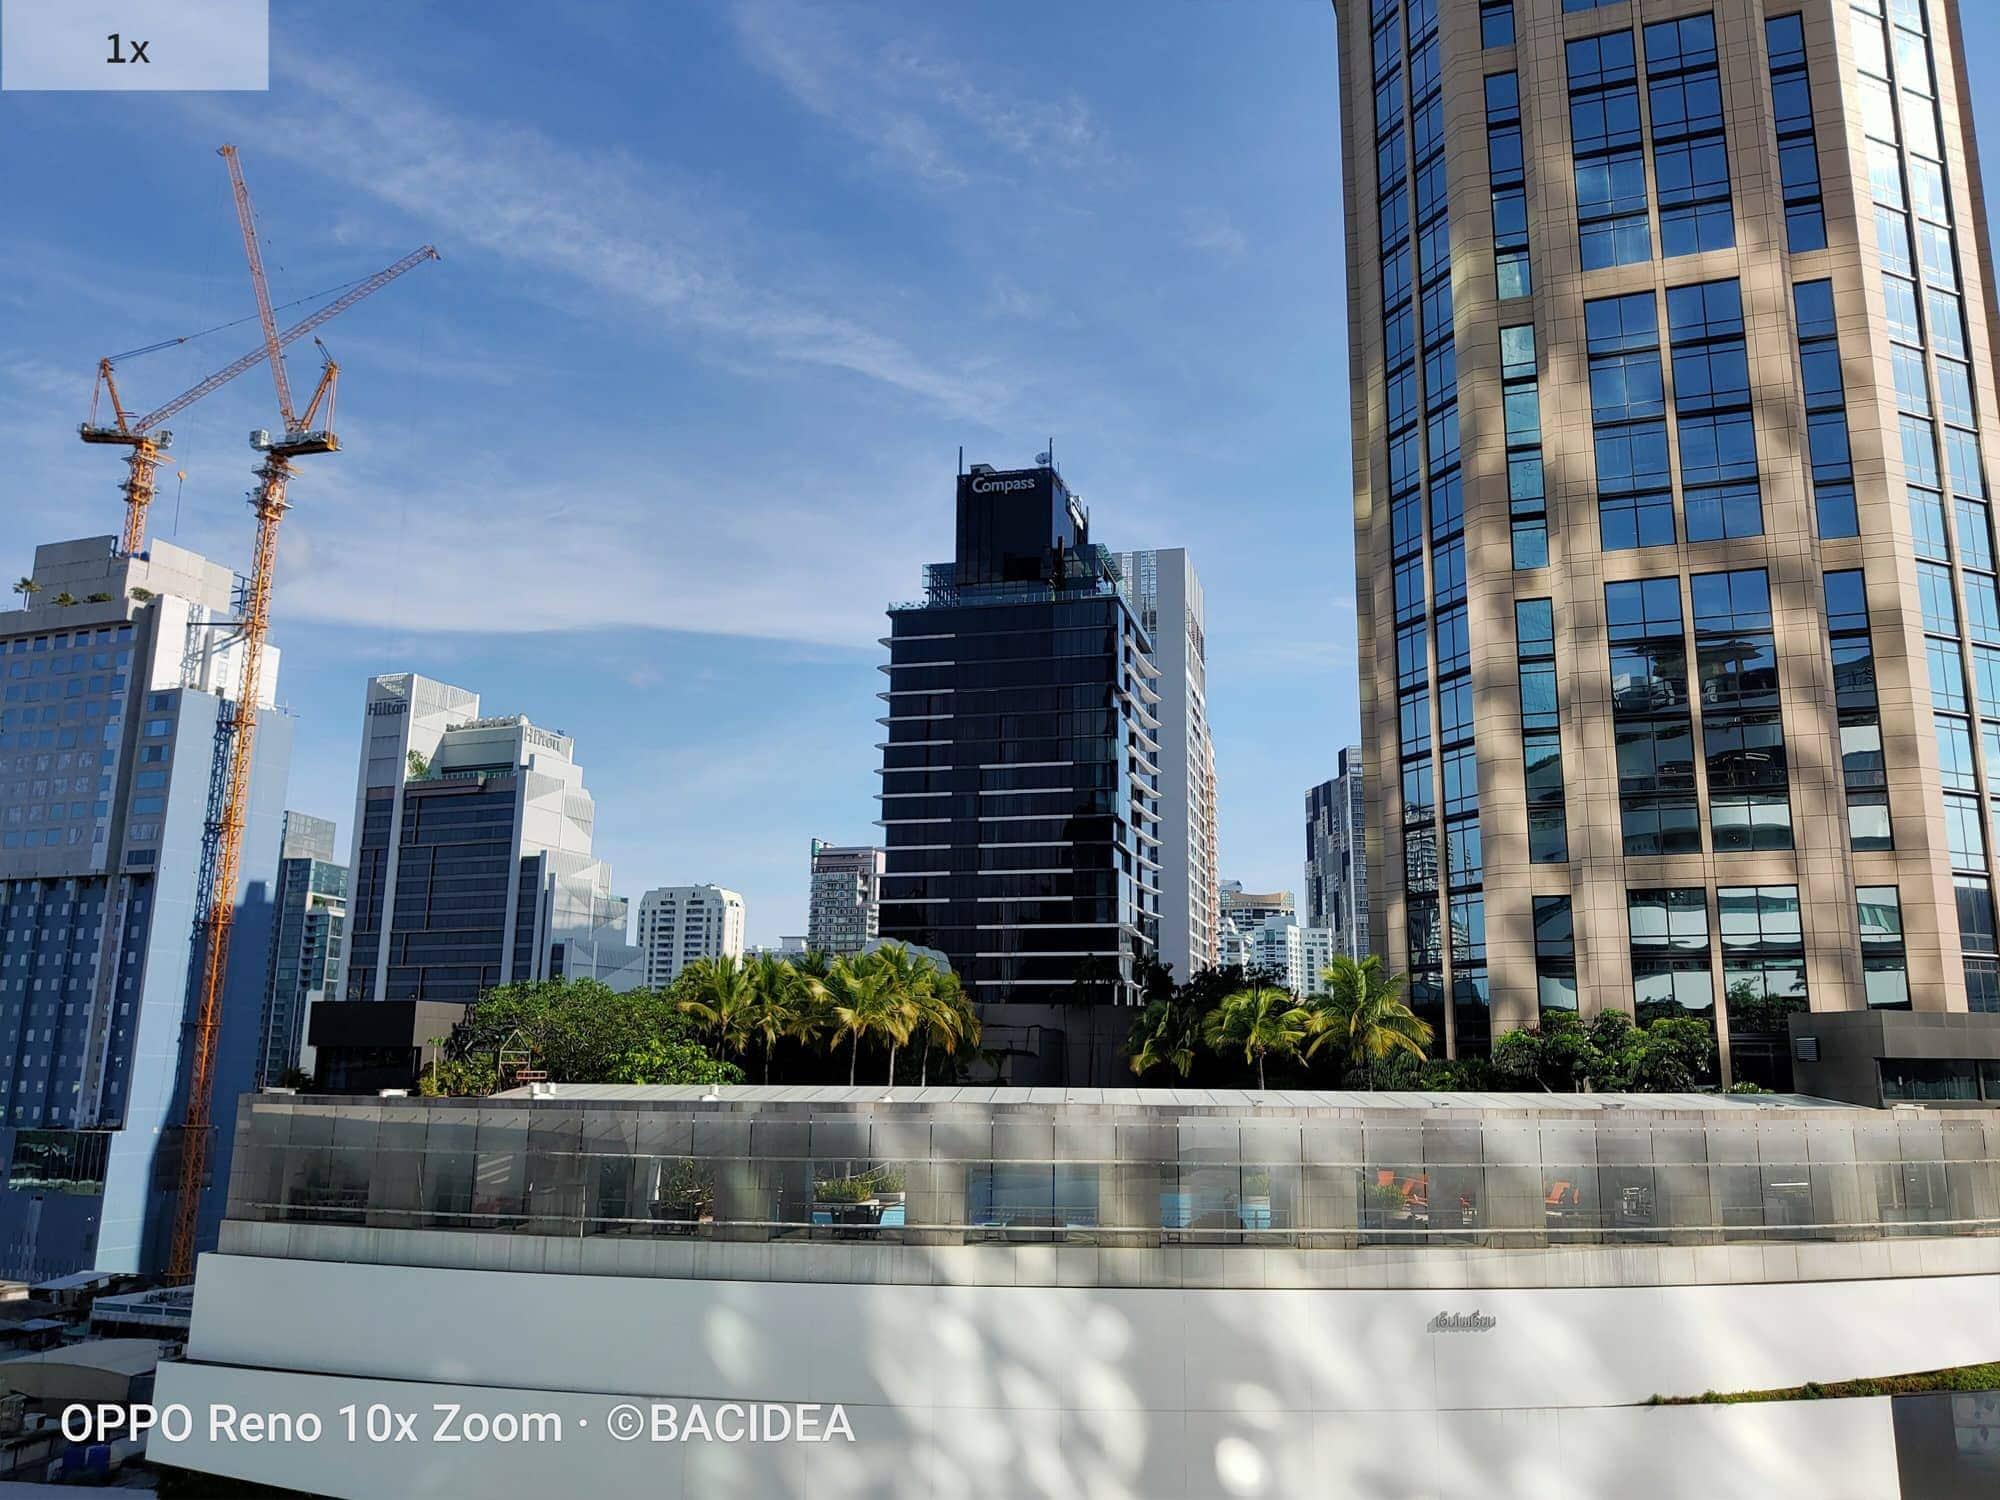 รีวิว OPPO Reno 10x Zoom สวยเด่นด้วย Pivot Rising Camera 11